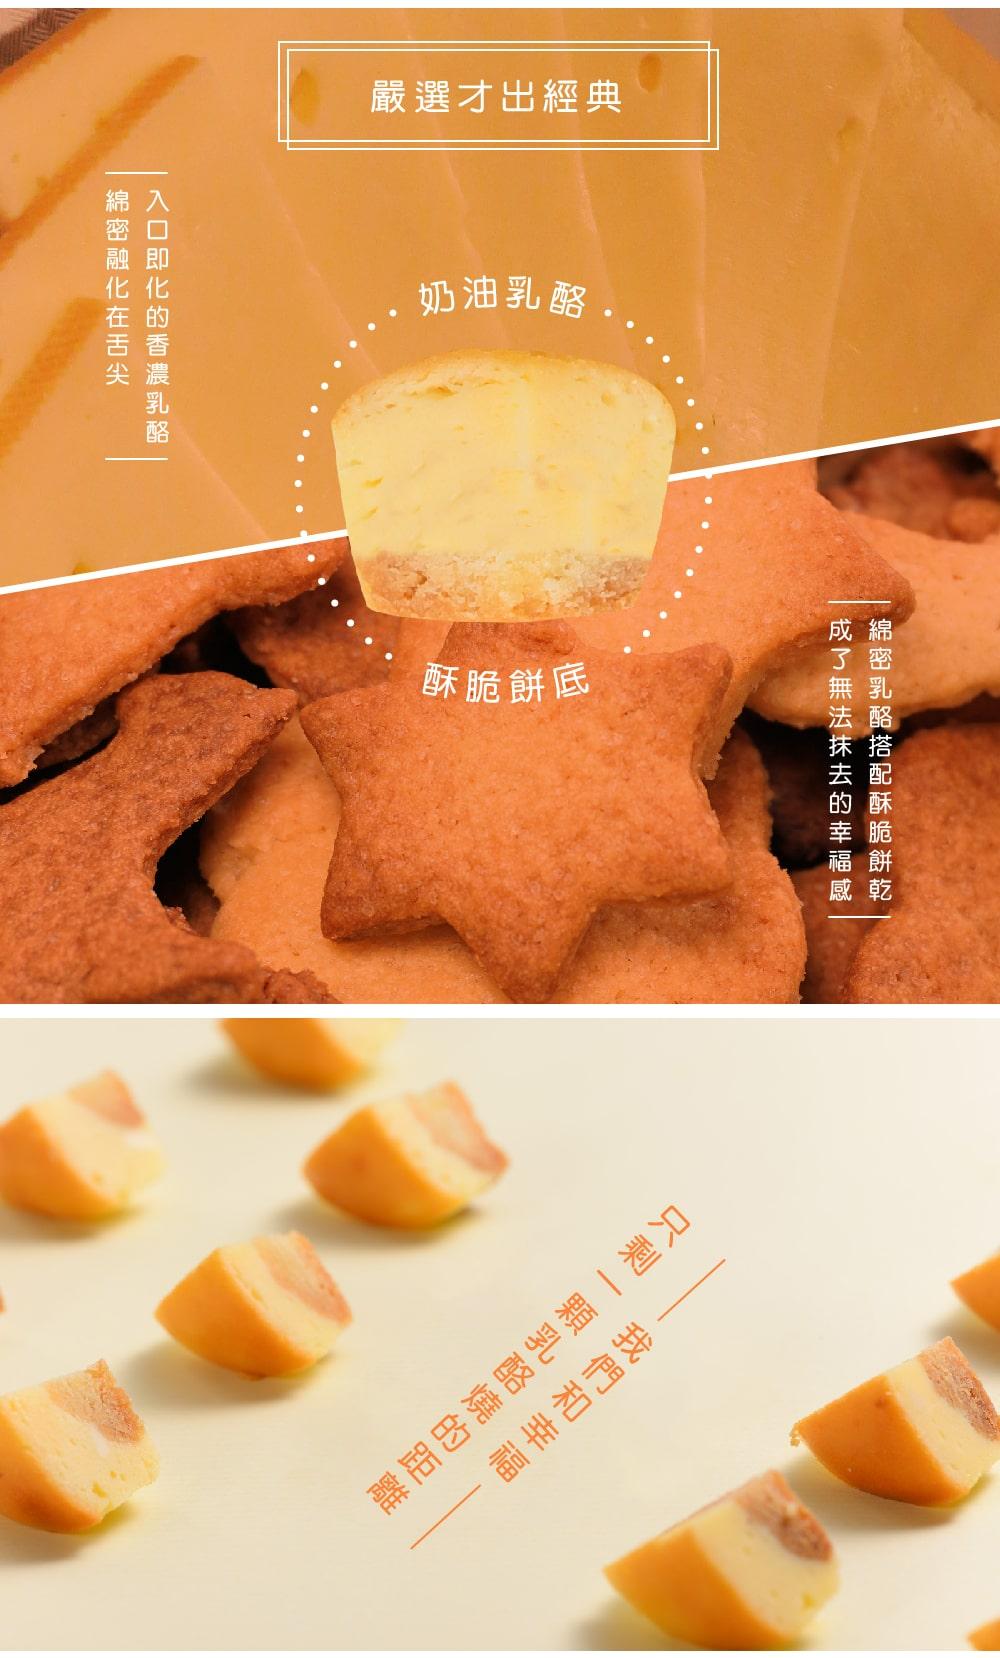 御格格-冰鎮餅類-08-min